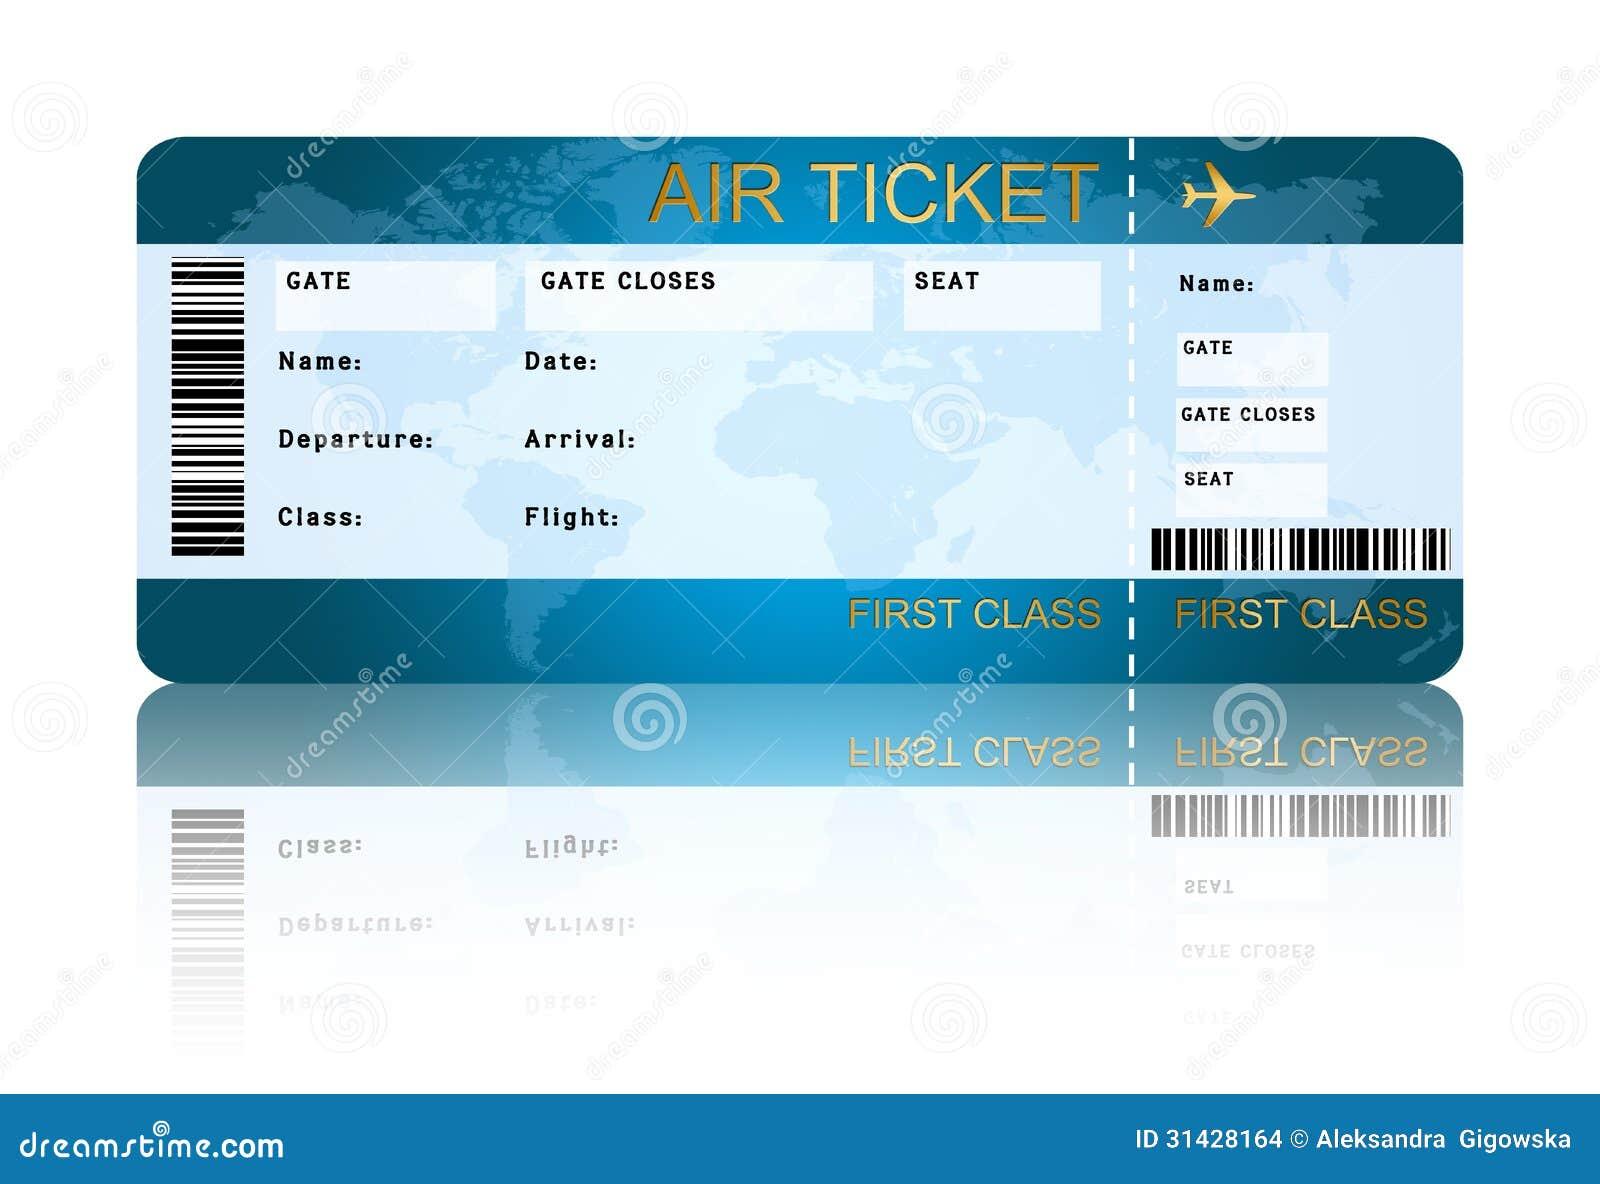 Het kaartje van de luchtvaartlijn instapkaart over wit wordt geïsoleerd dat